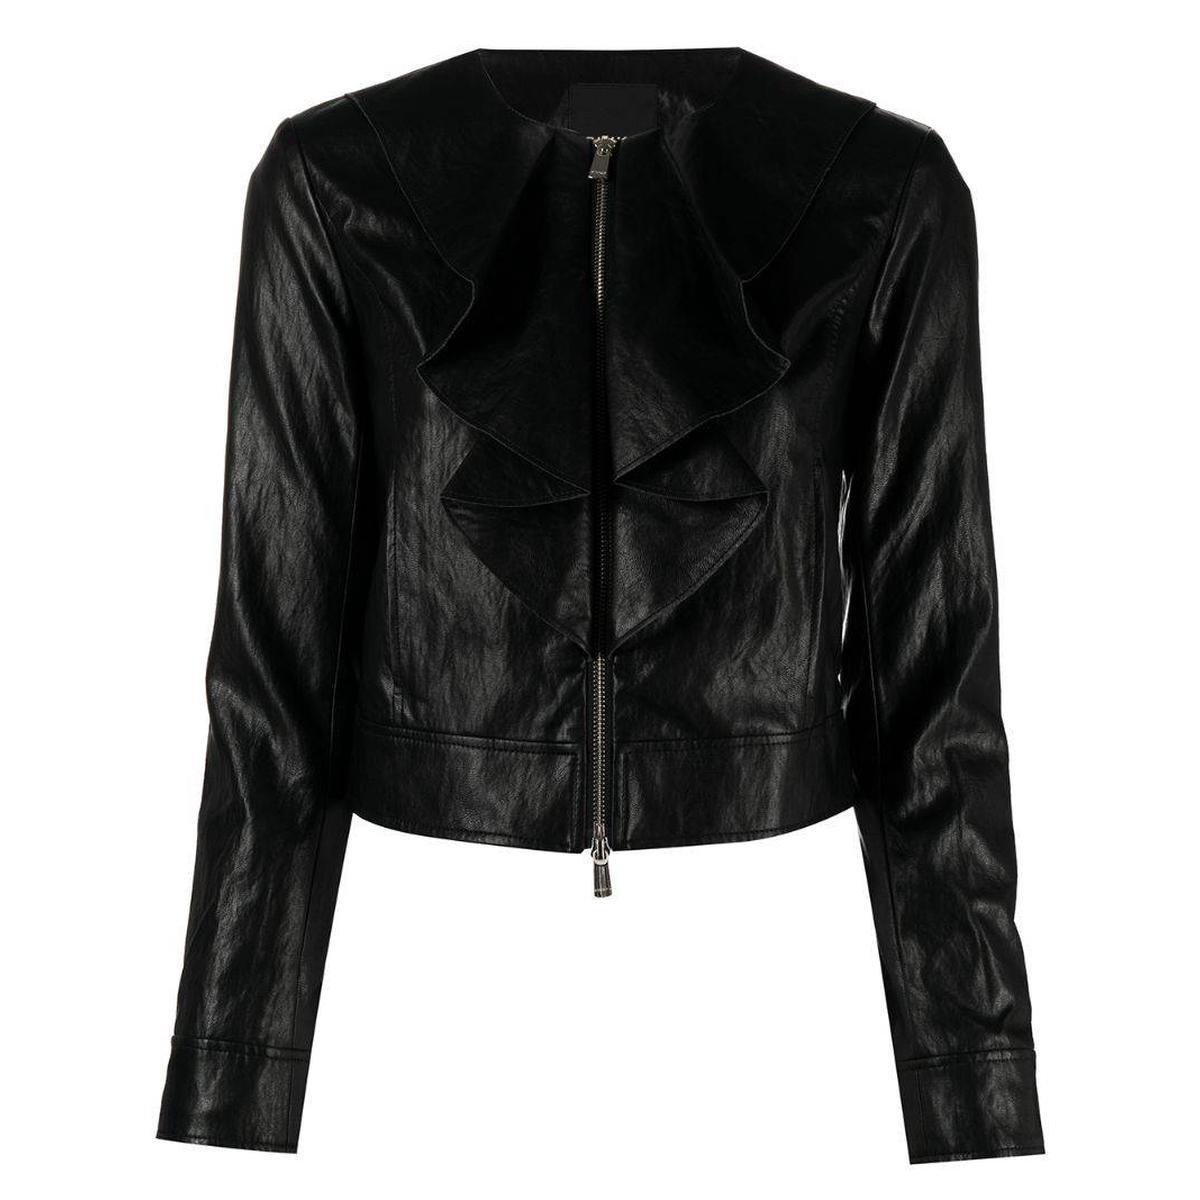 代购Pinko/品高 荷叶边饰短款夹克短外套女士2021新款奢侈品